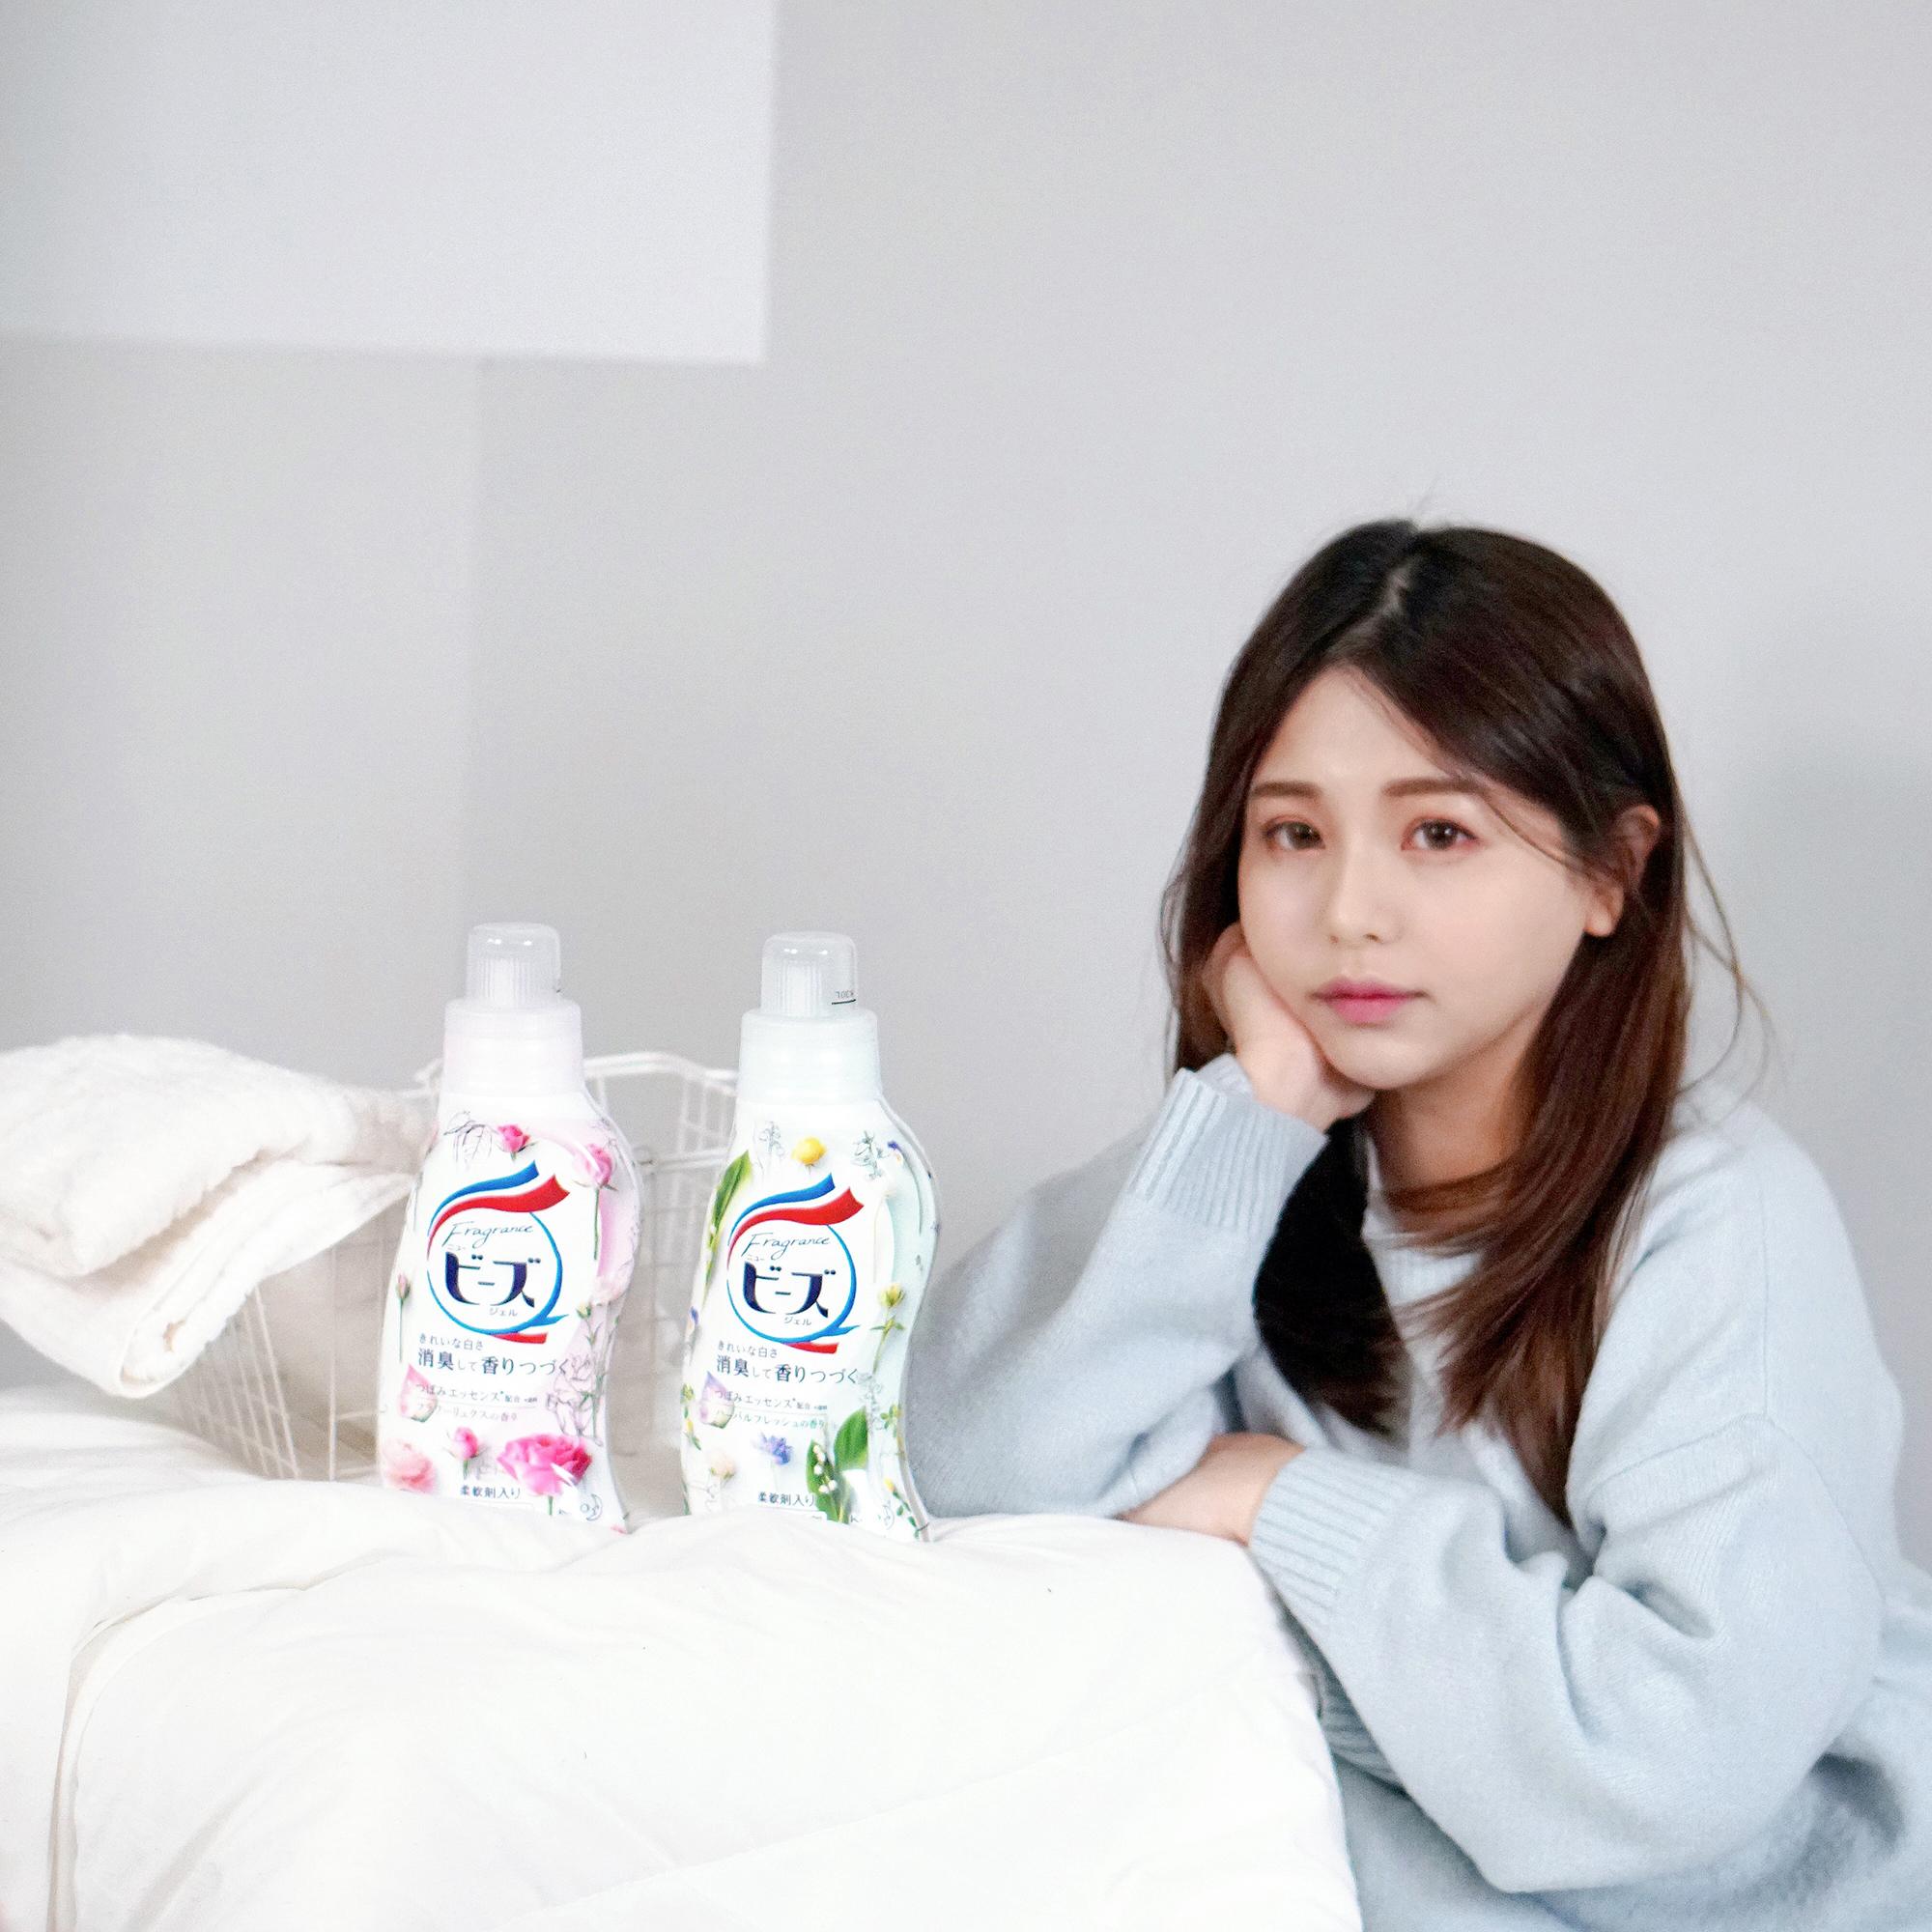 日本花王BEADS植萃香氛洗衣精評價心得分享|香氛洗衣精推薦